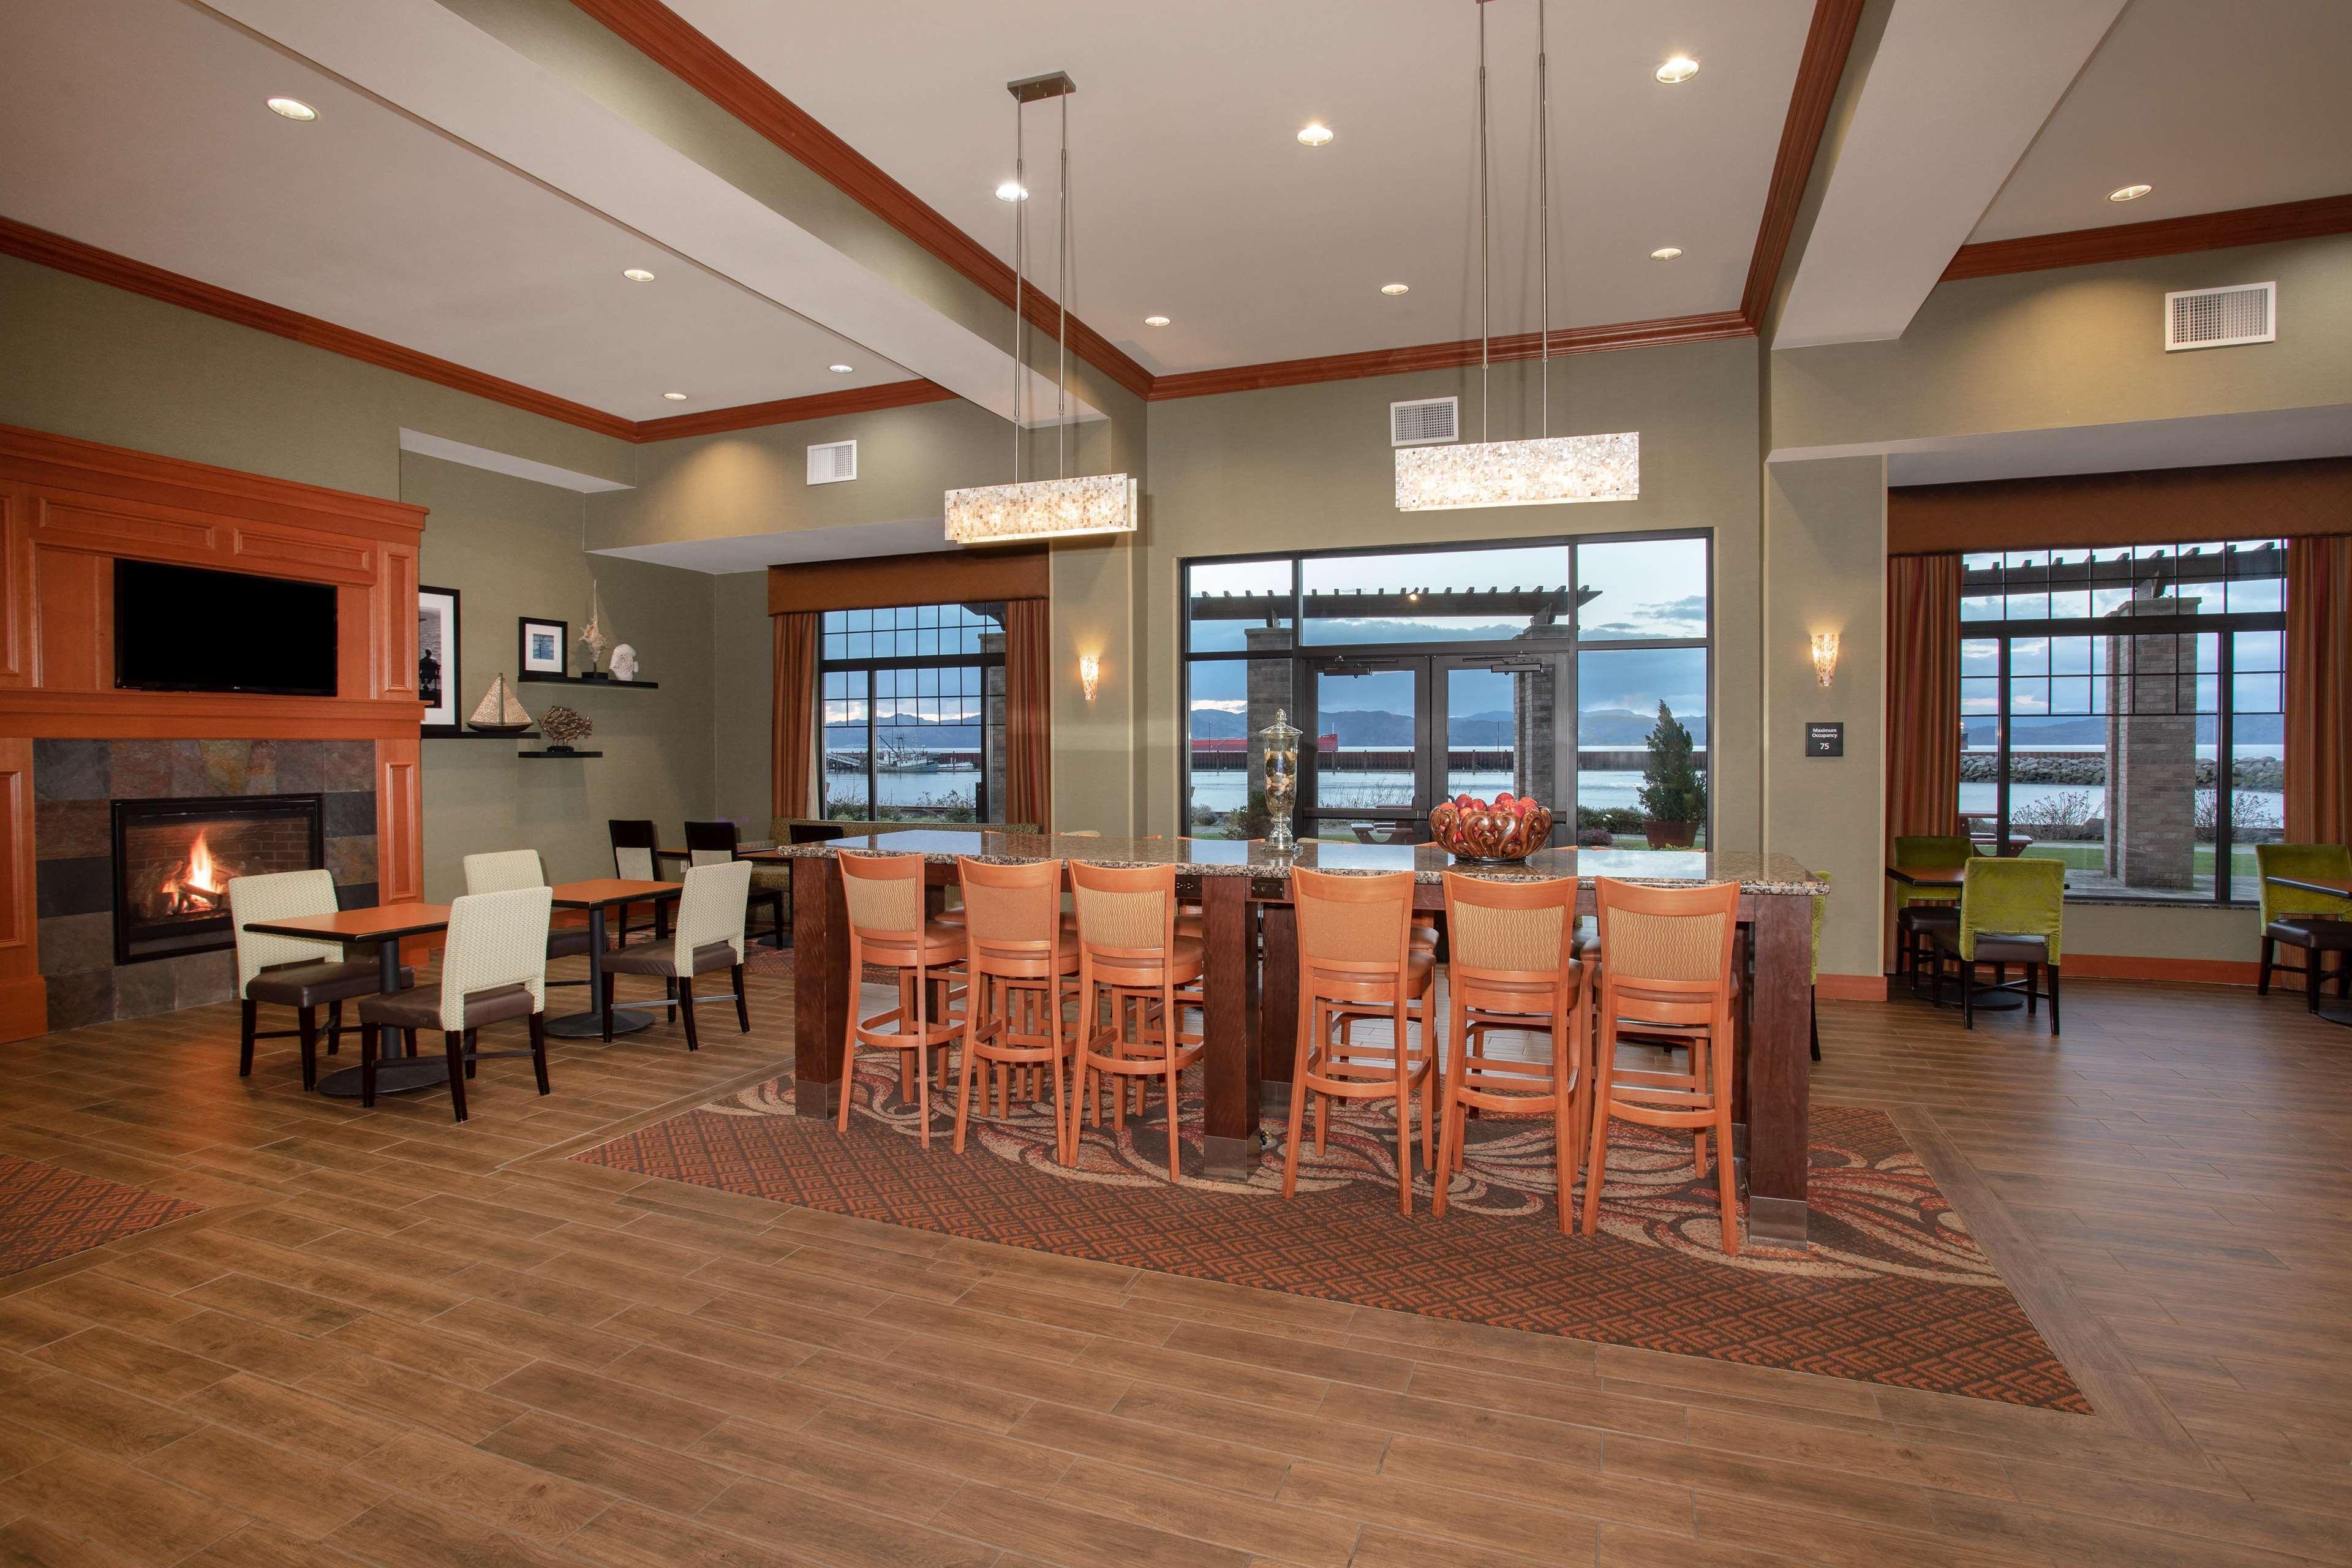 Hampton Inn & Suites Astoria image 9